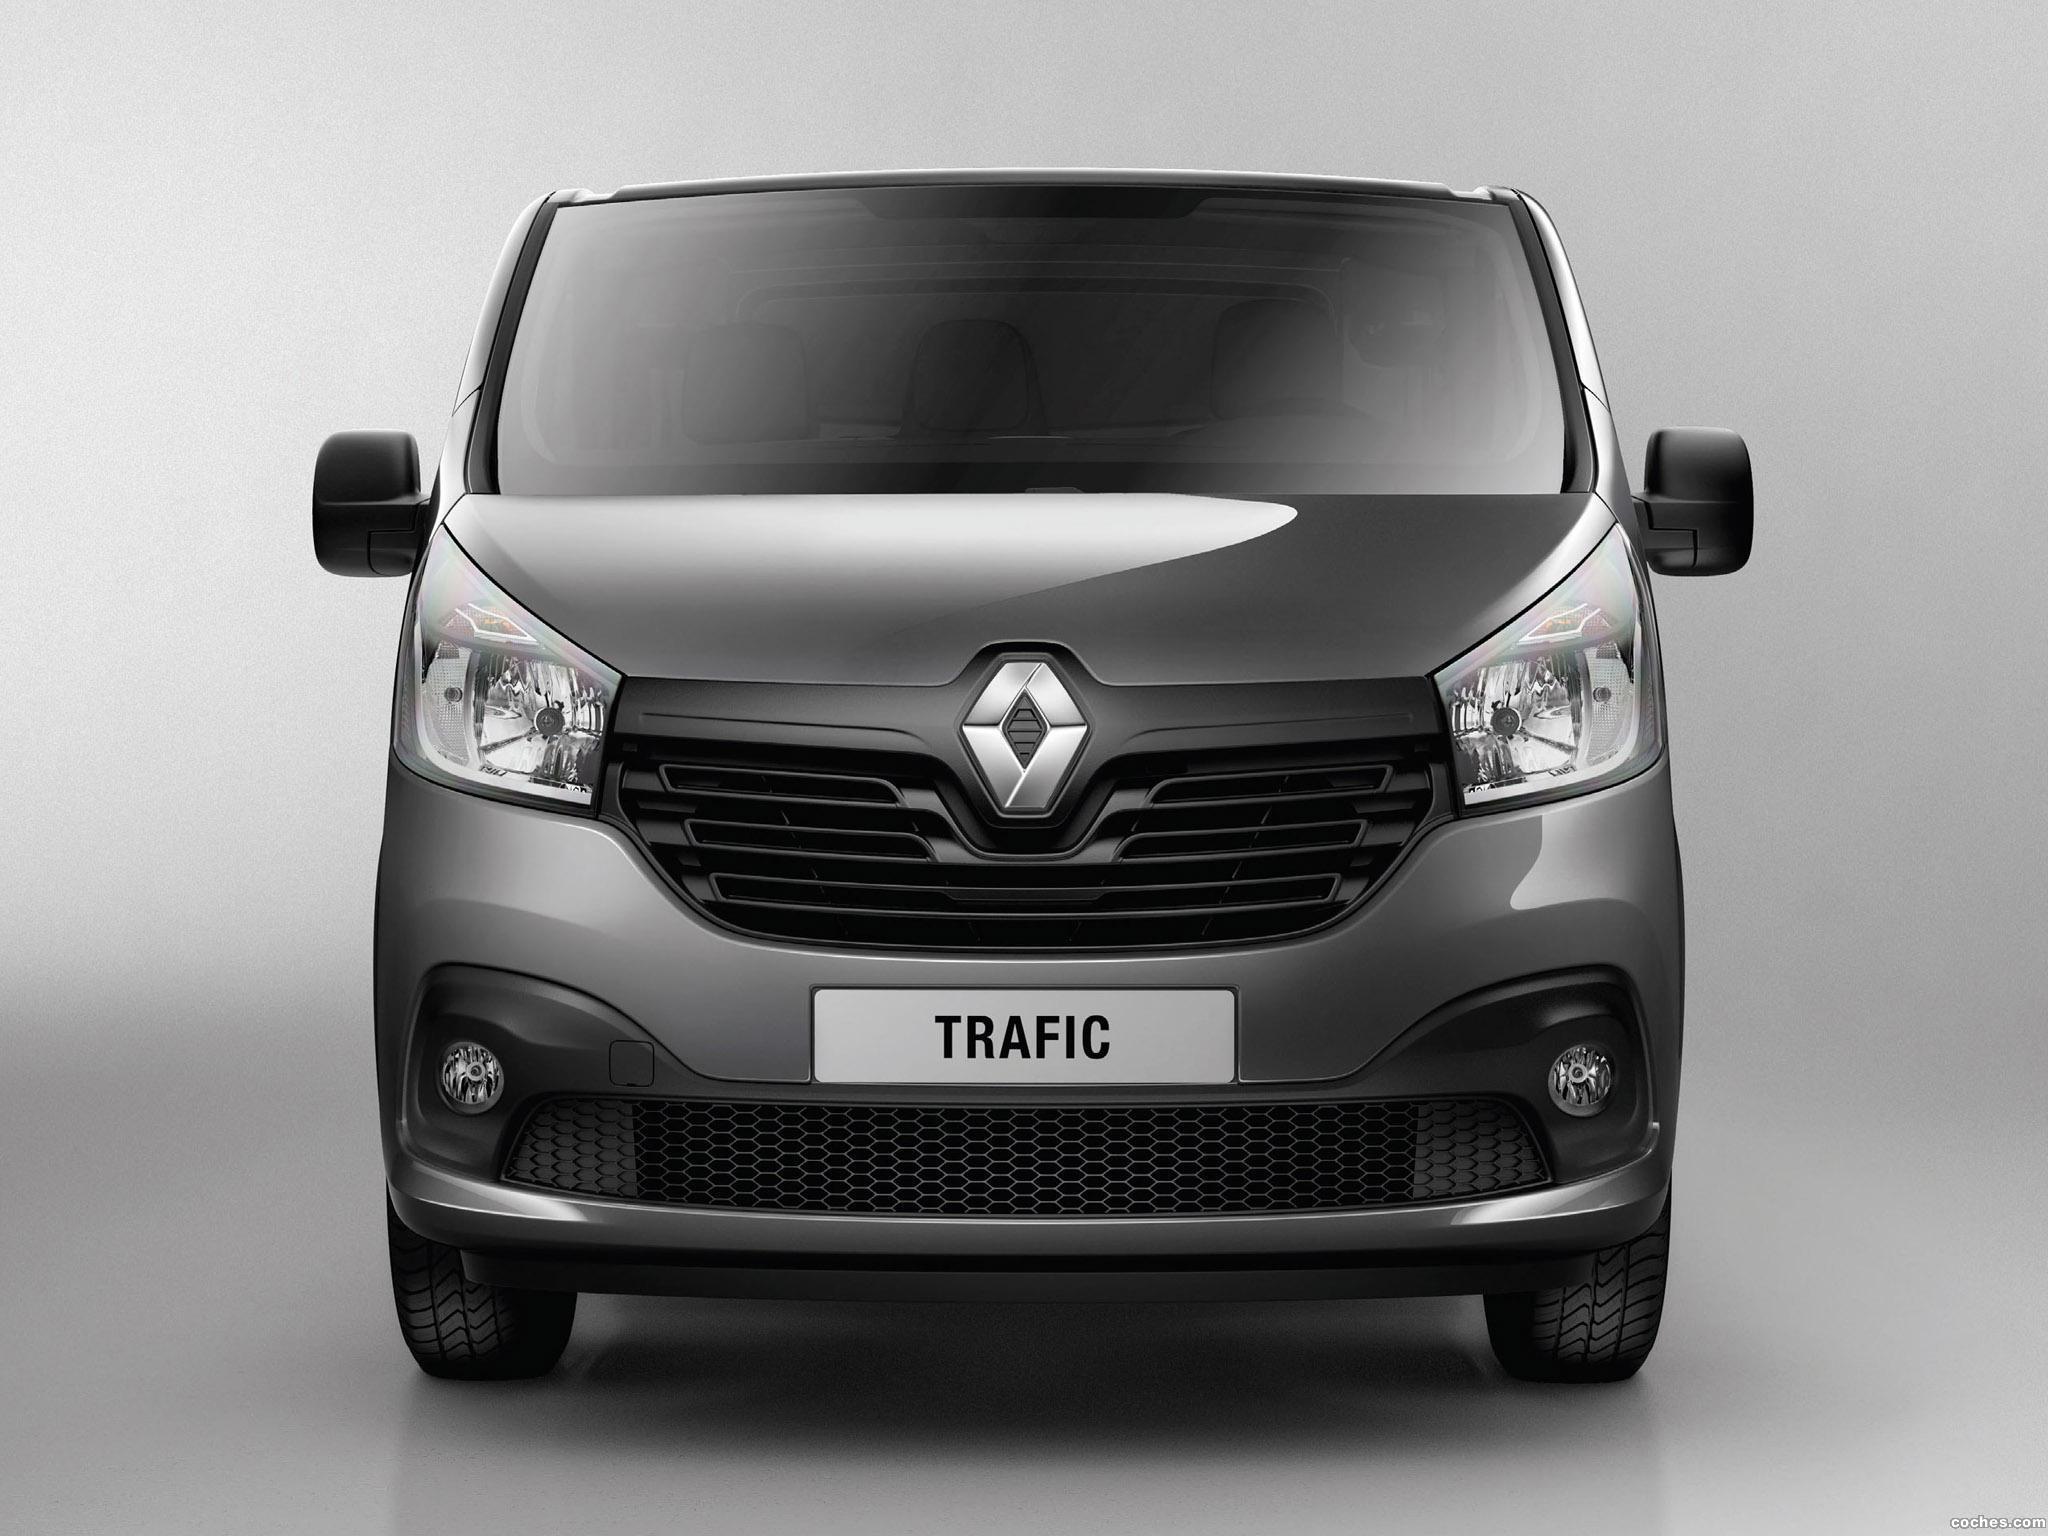 Foto 1 de Renault Trafic Furgón 2014